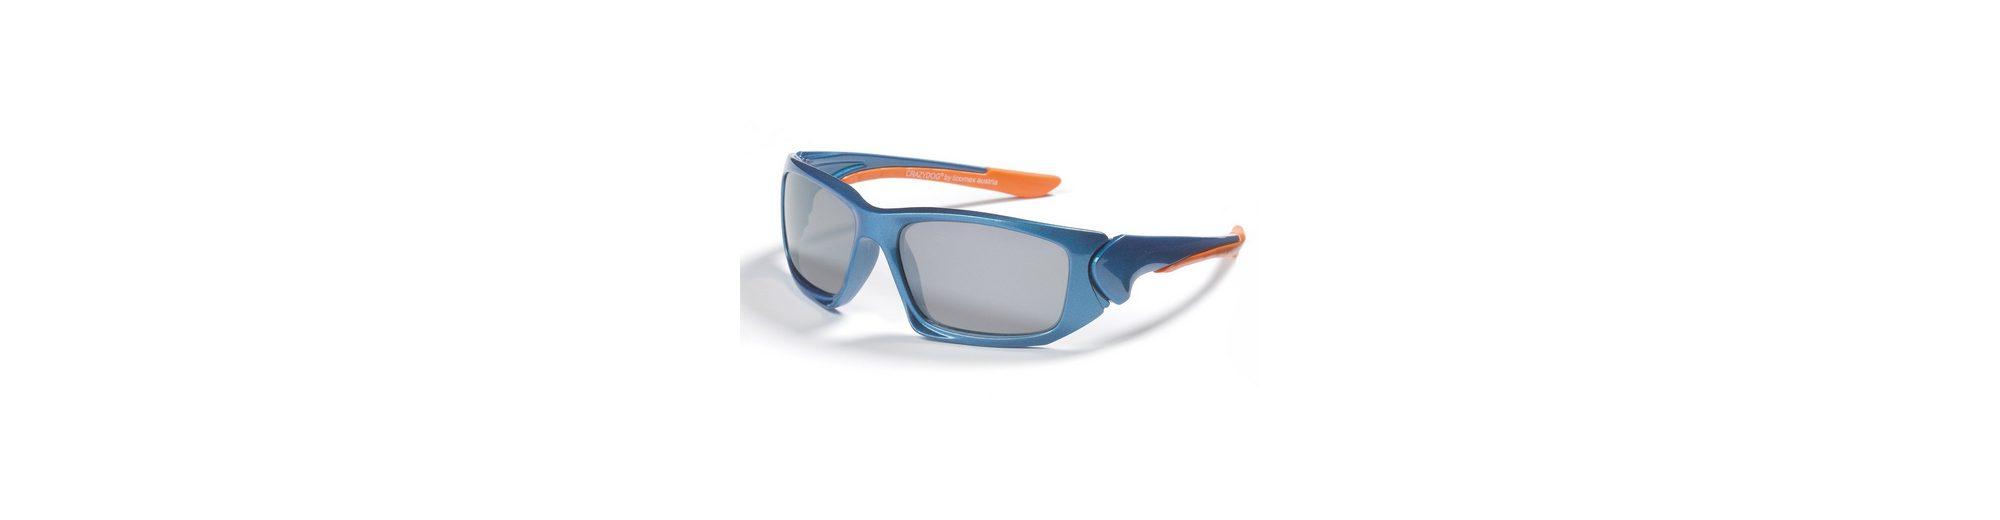 """BABY-WALZ Kinder-Sonnenbrille """"speed"""""""